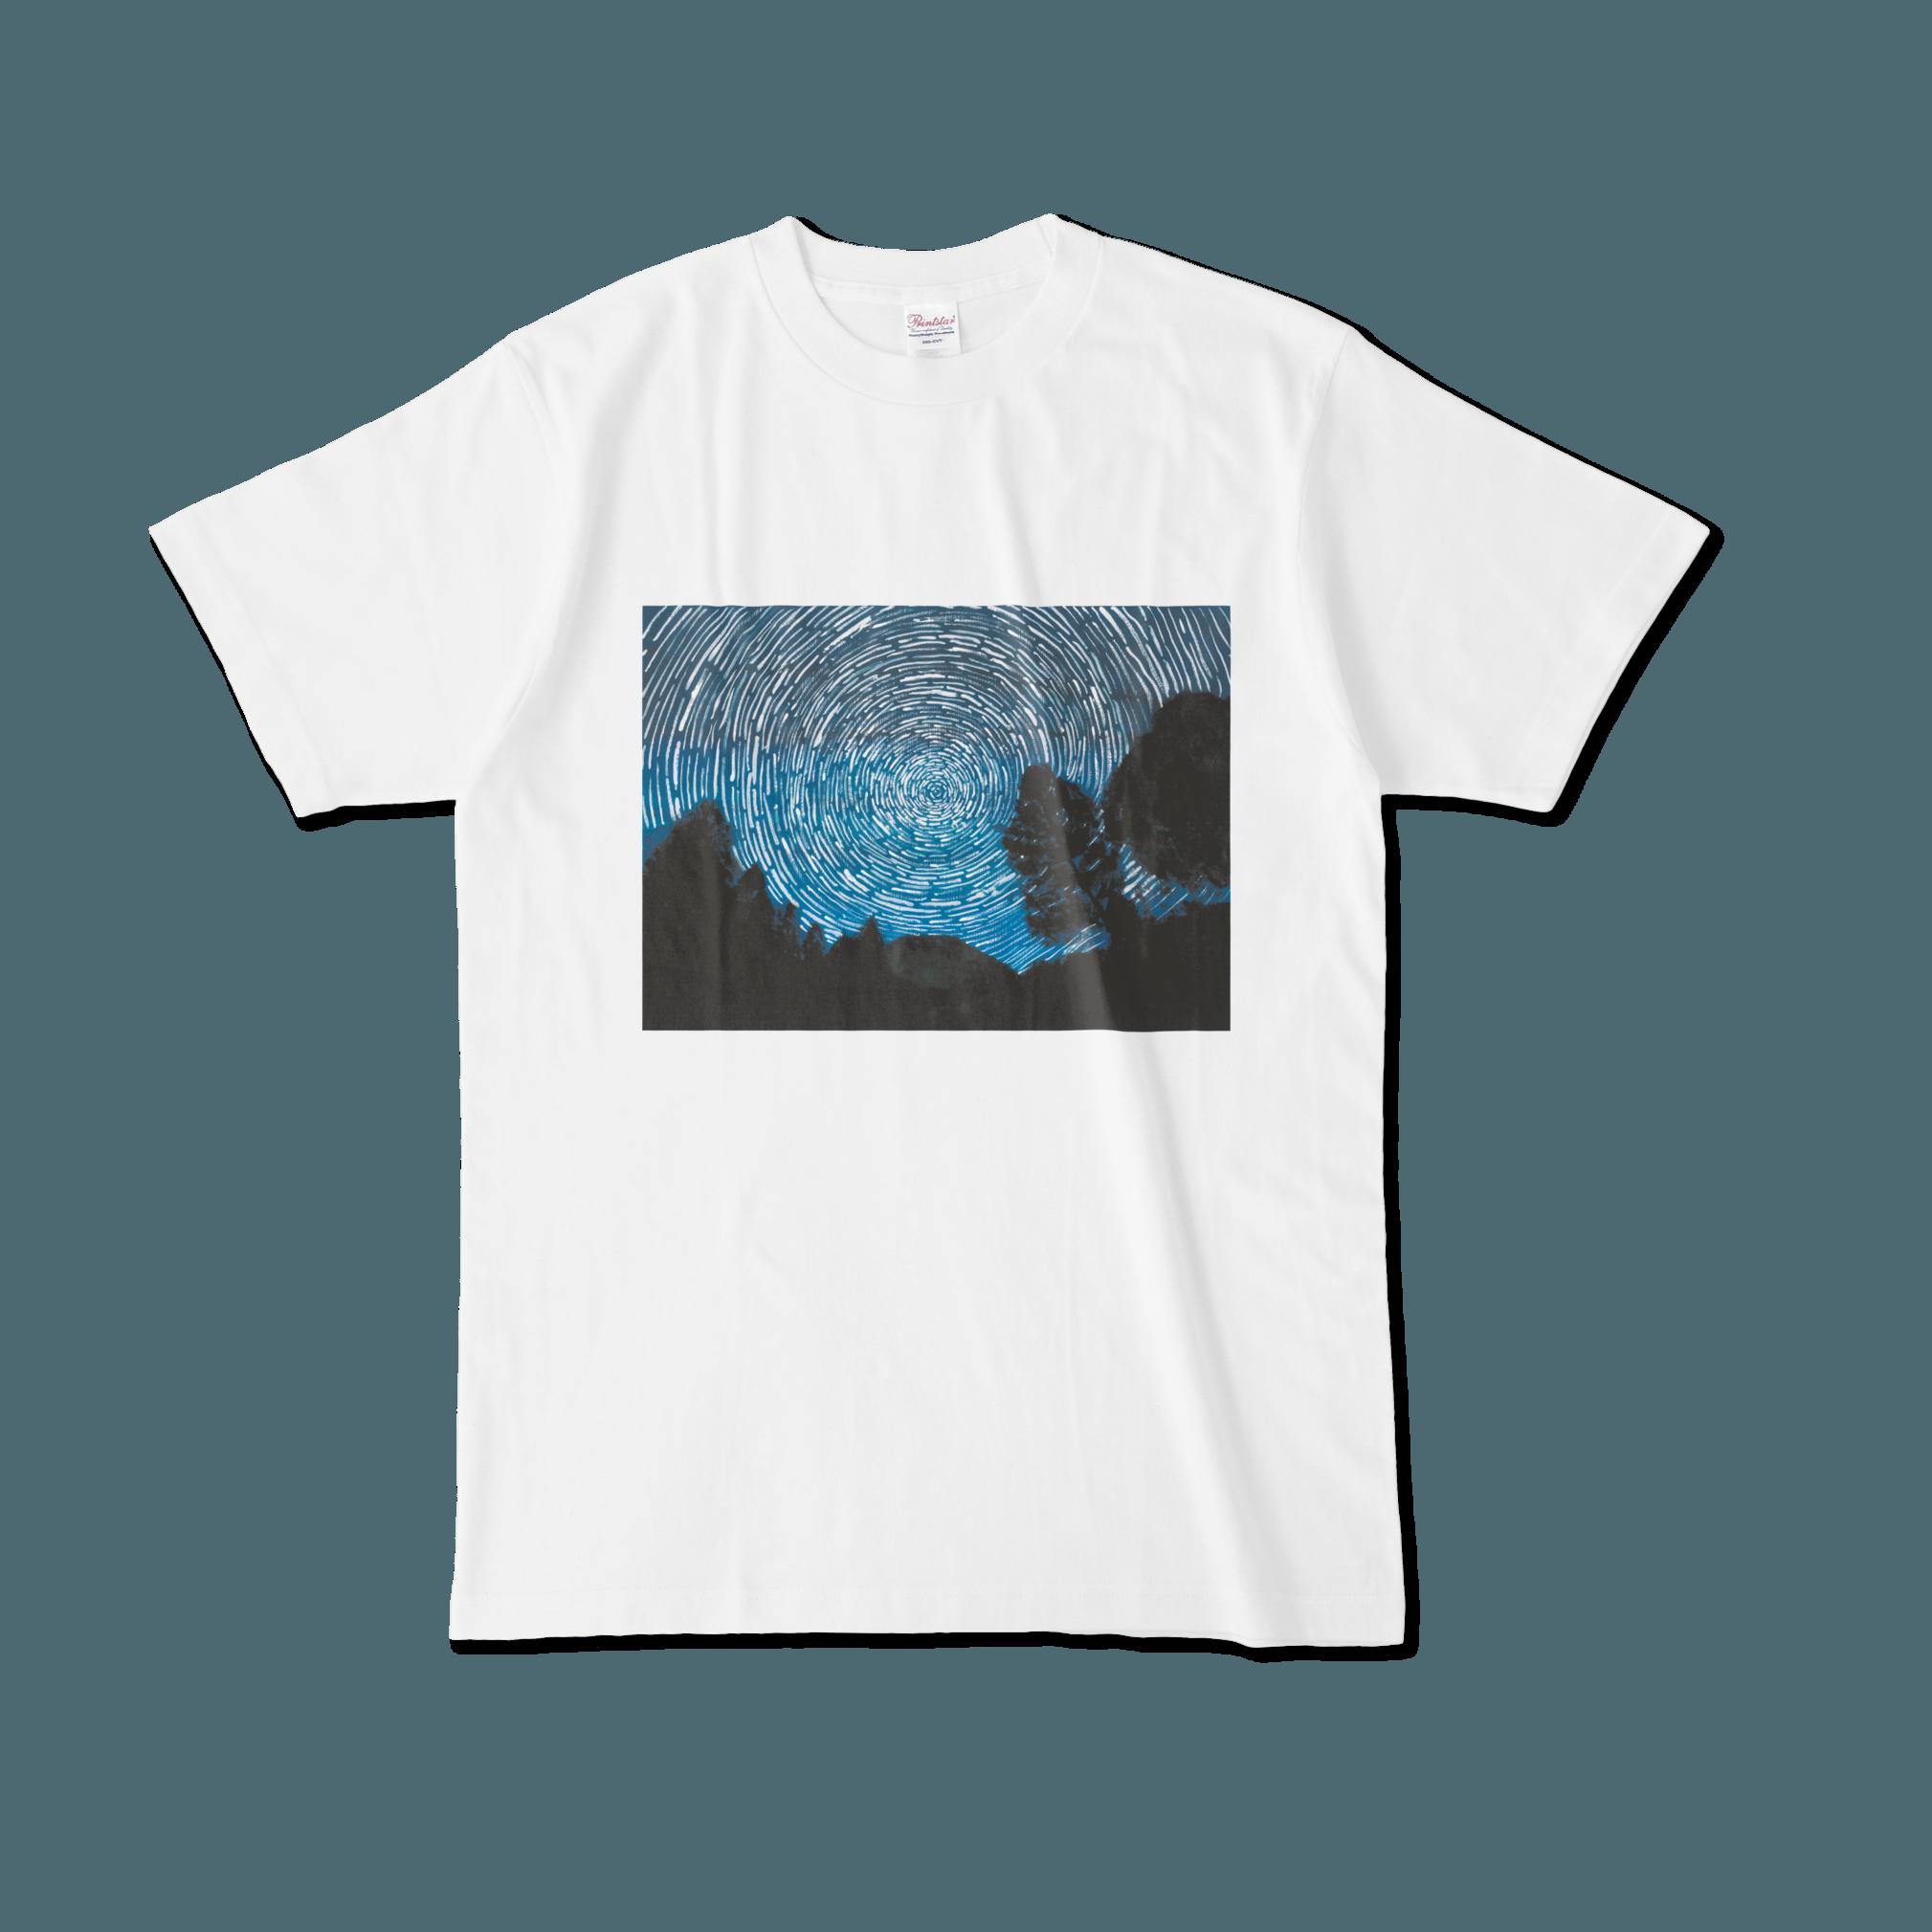 【税込・送料無料】山下結愛デザインTシャツ「星の日周運動」